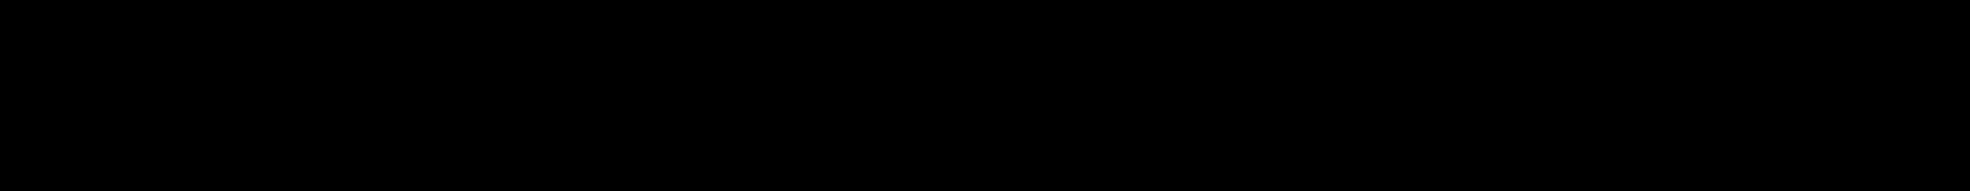 Design System A 500I